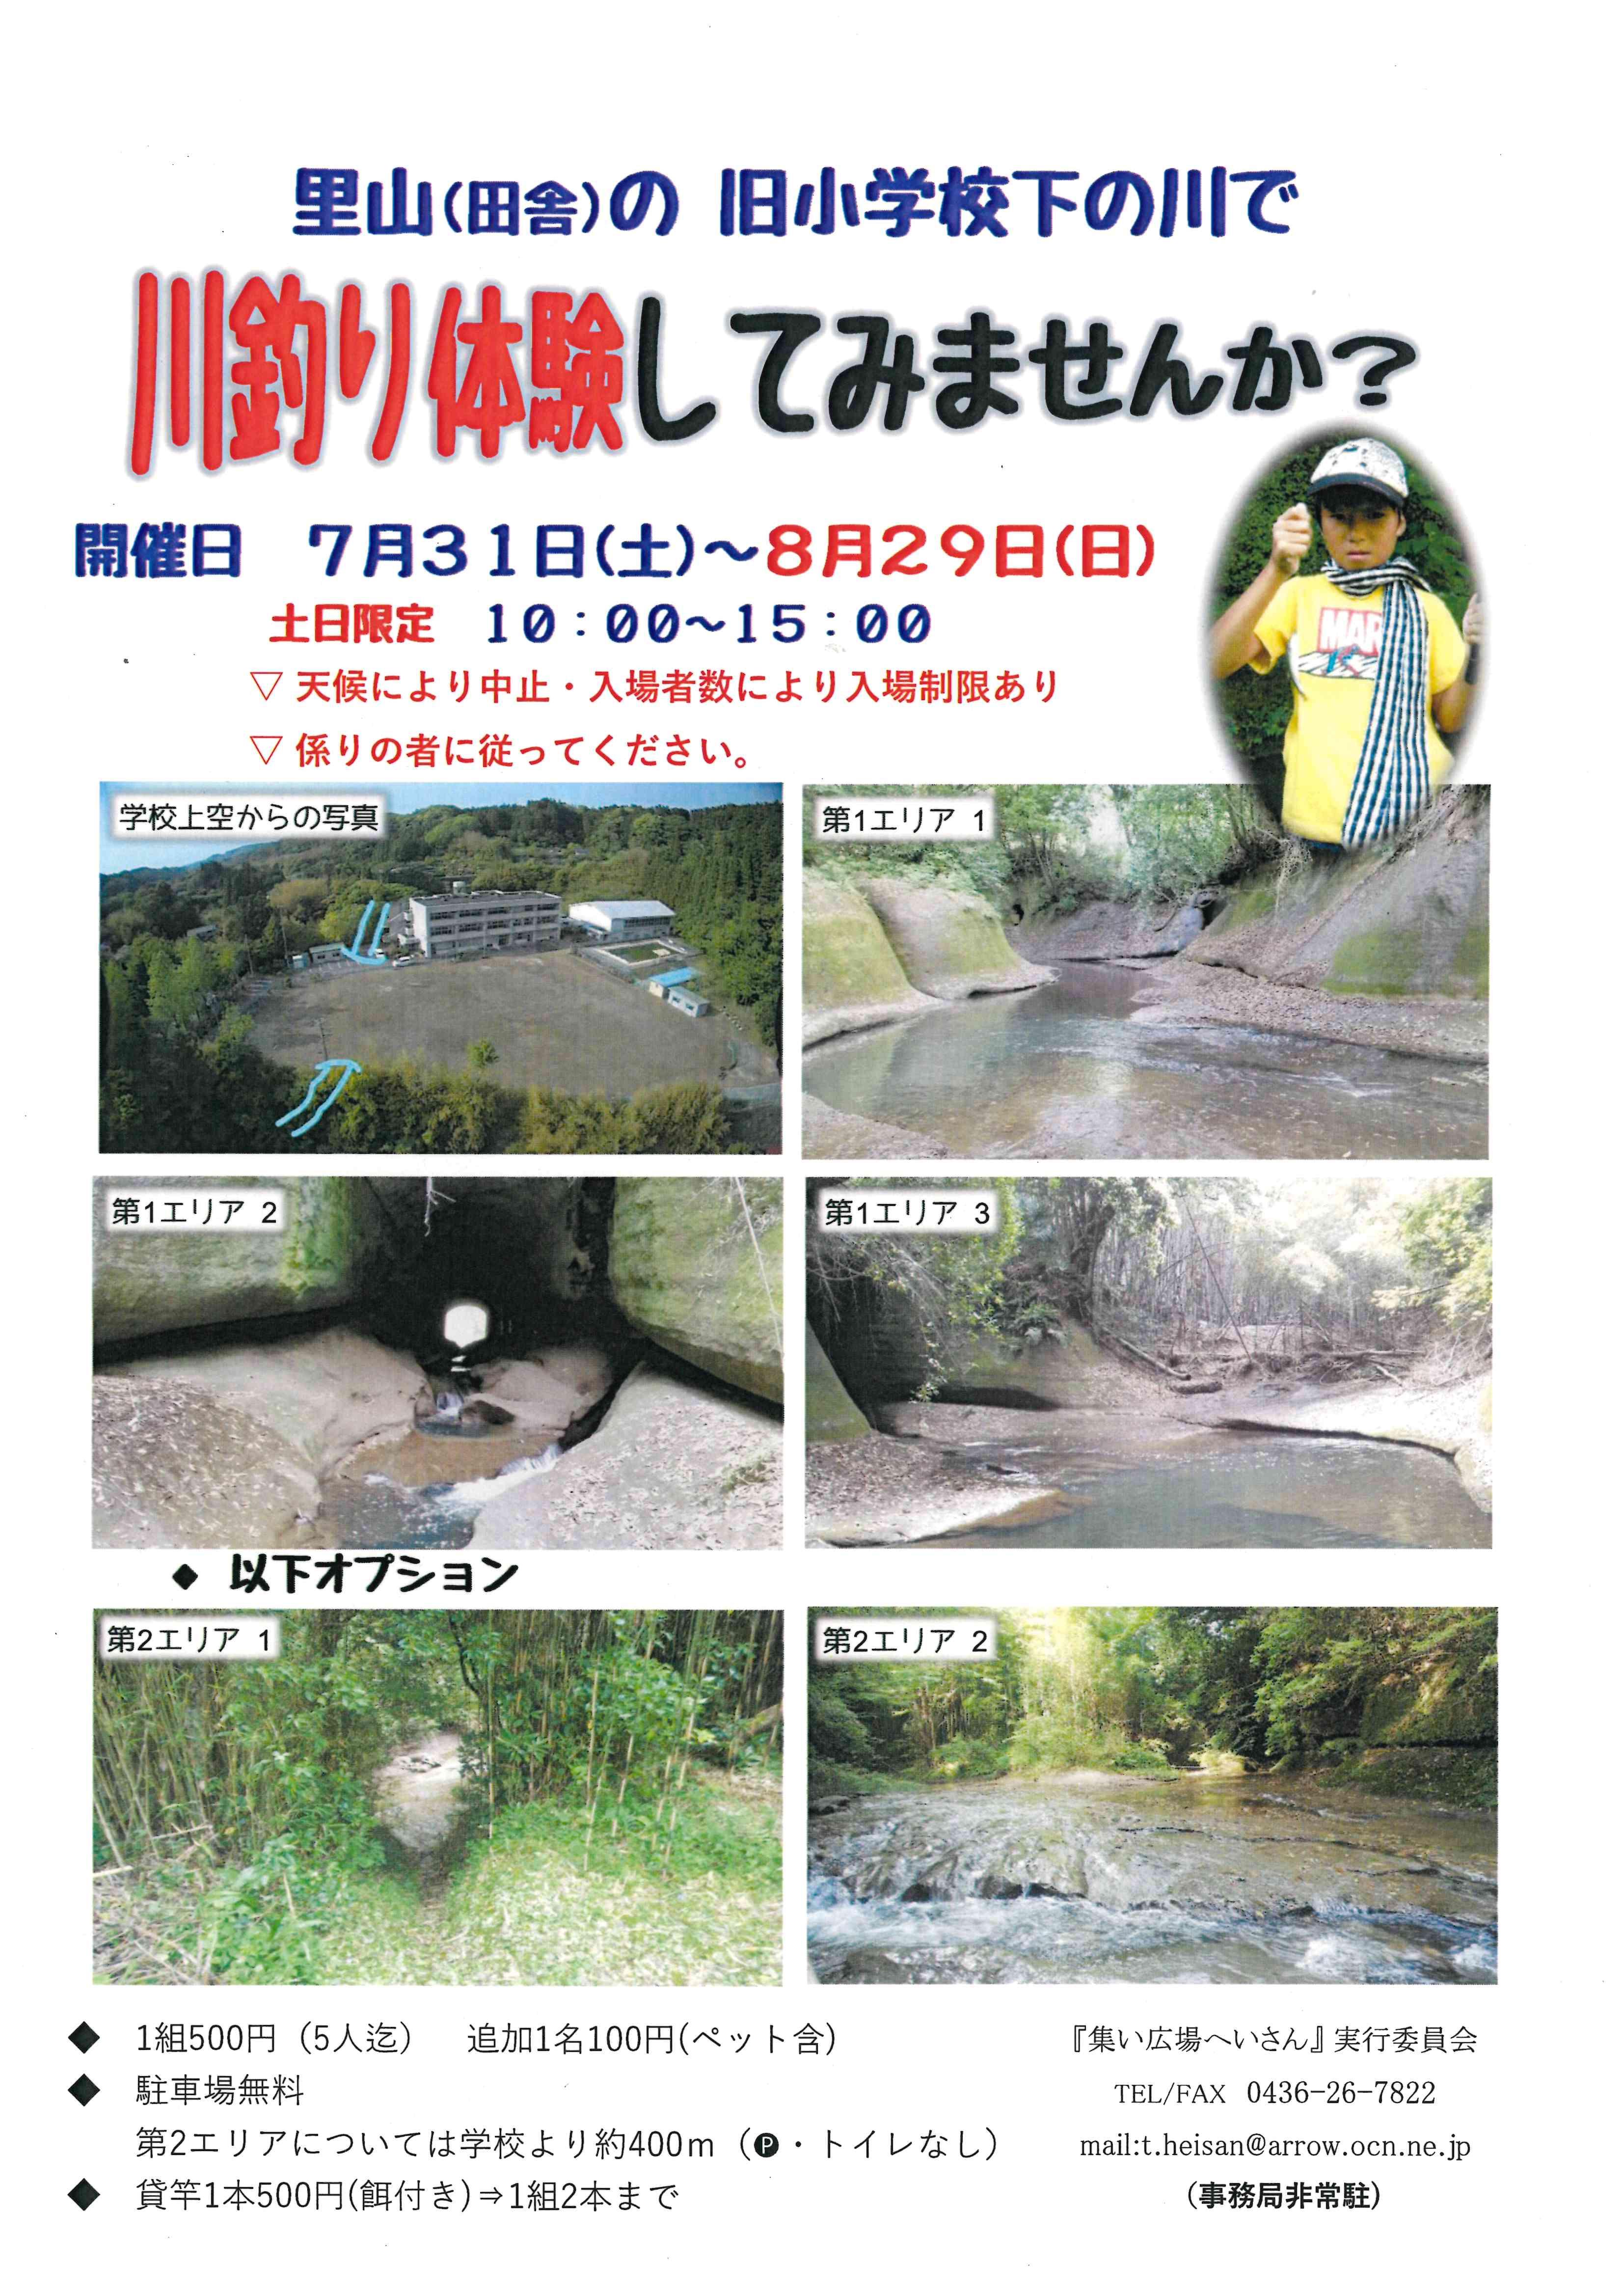 『集い広場へいさん』夏休み企画イベント開催